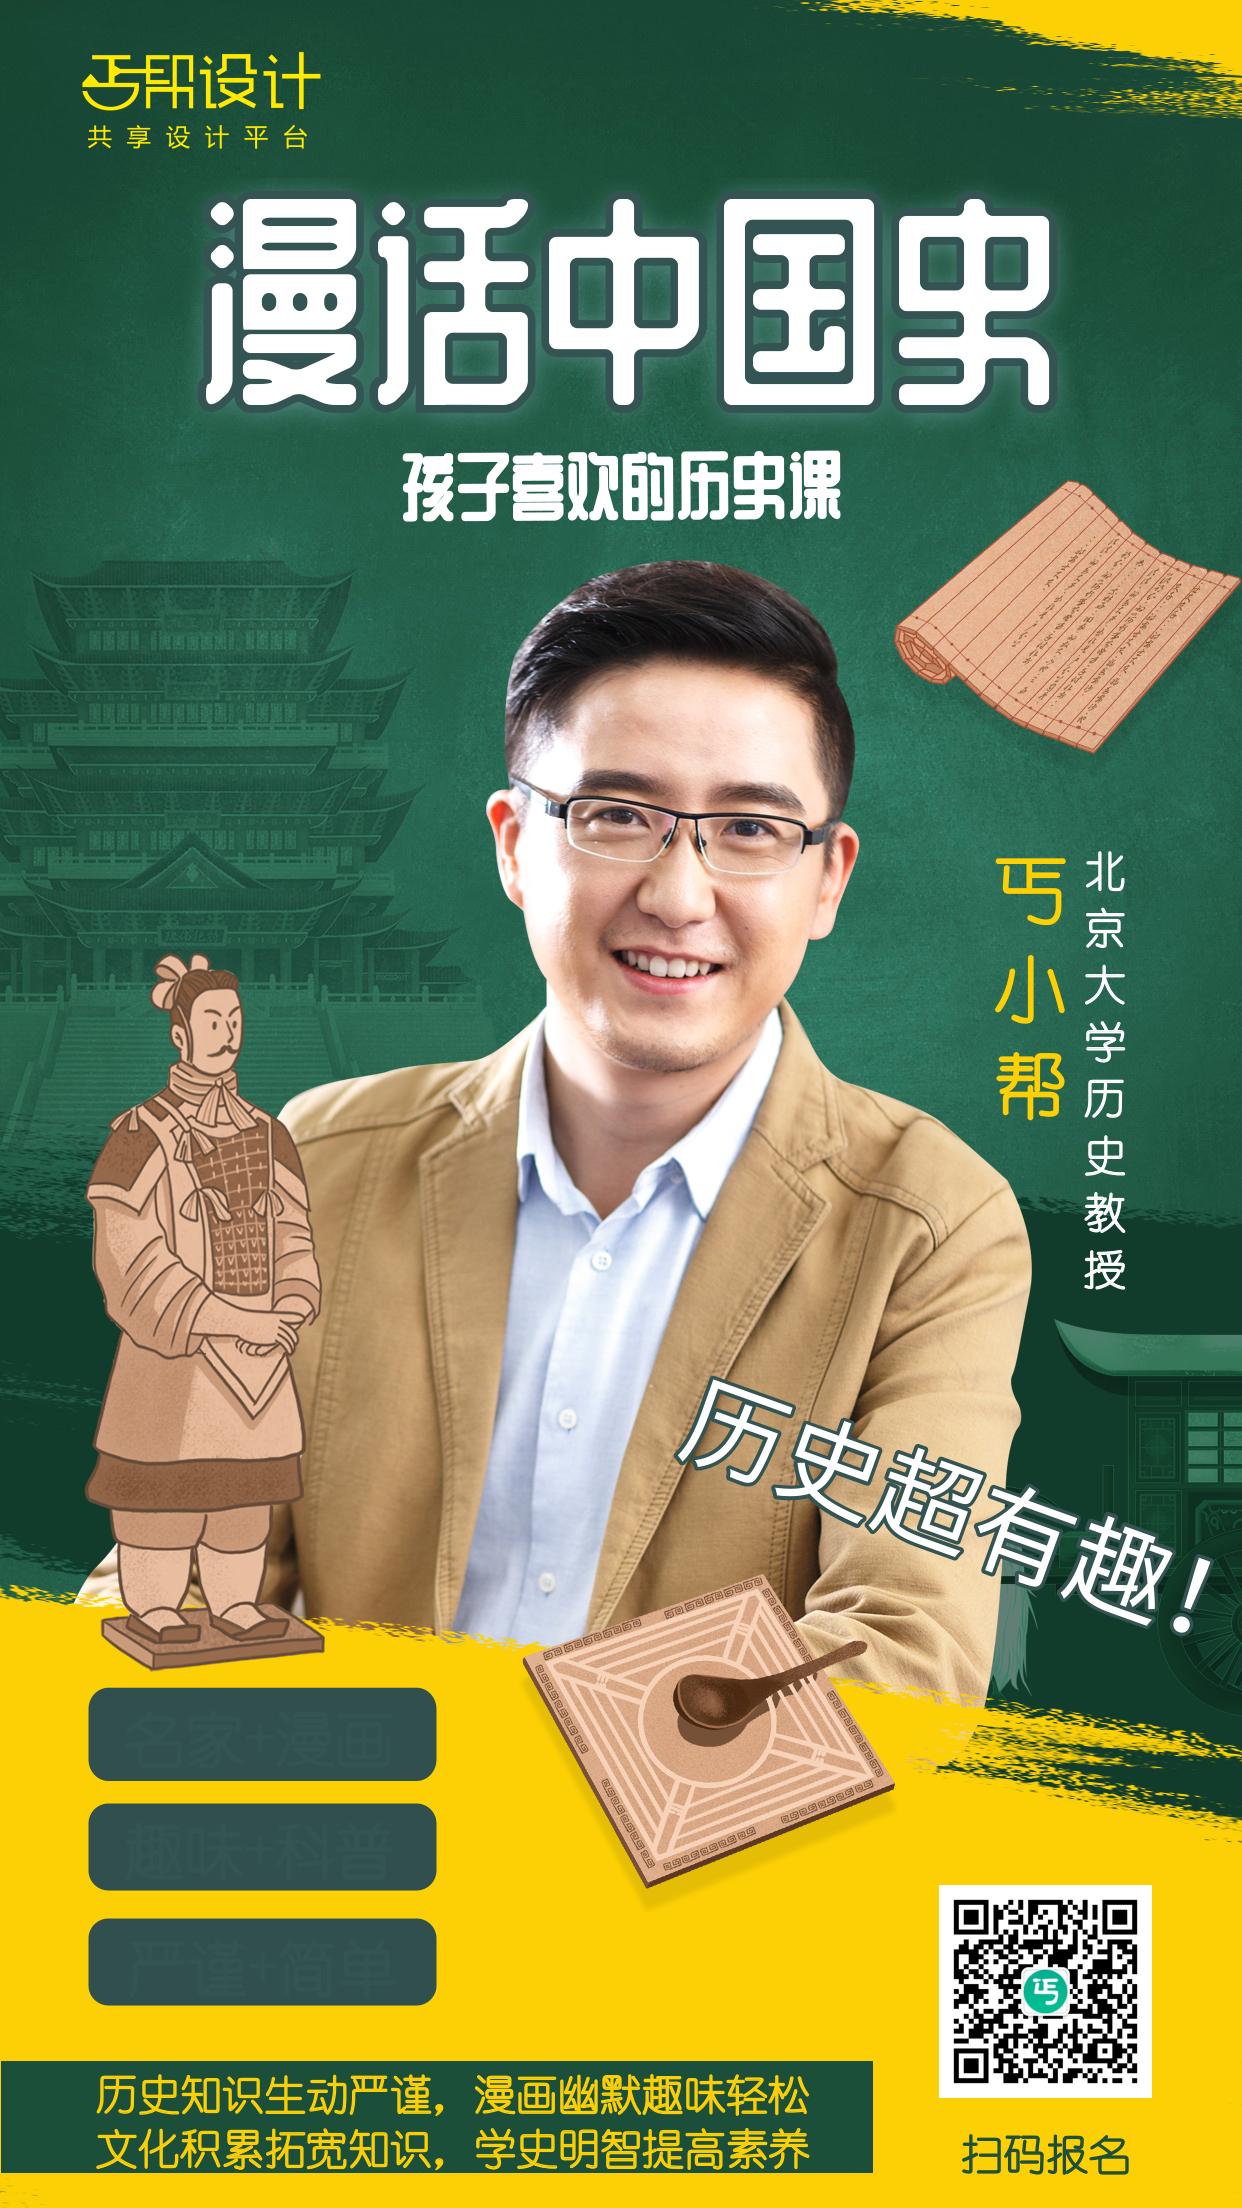 K12历史课程招生科普讲师海报